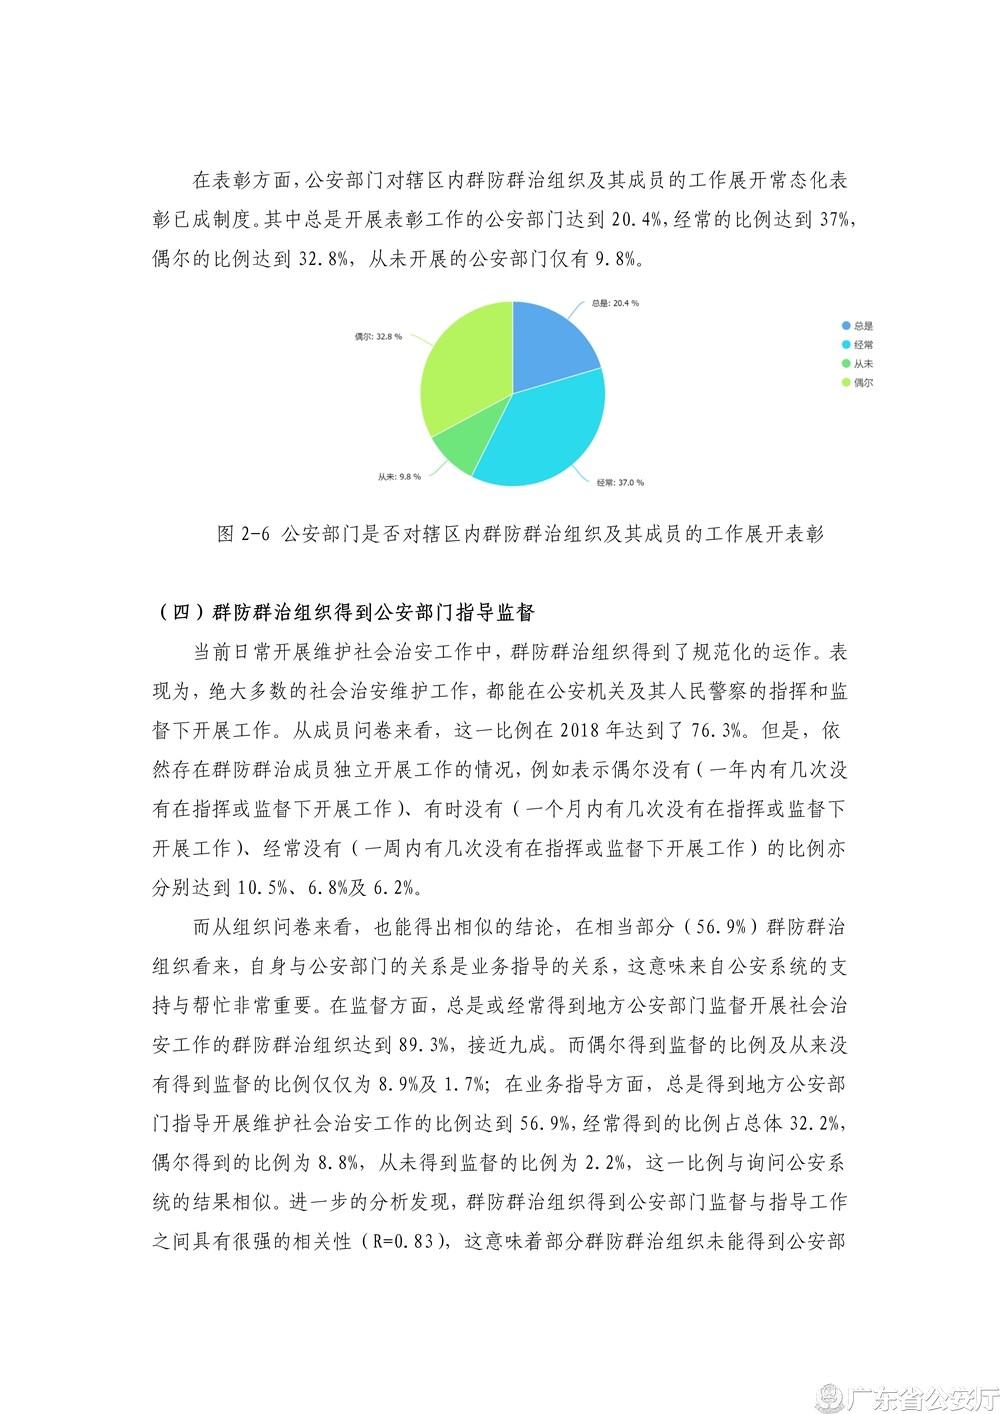 文档1_07.jpg